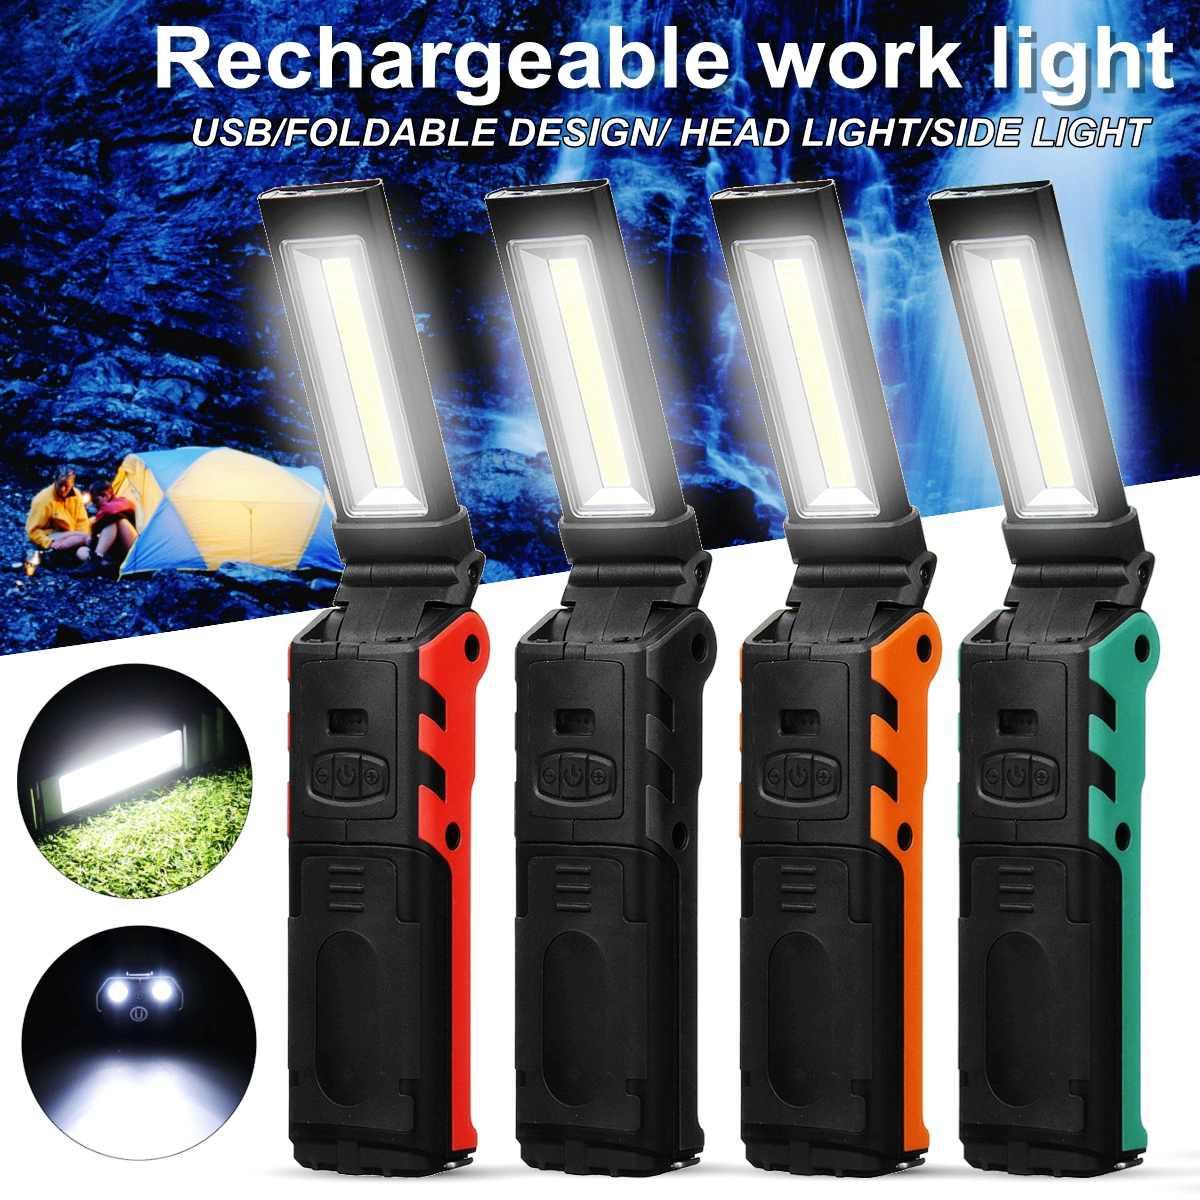 Dimmbare COB LED Arbeit Licht USB Aufladbare Taschenlampe Inspektion Lampe mit Magnetische & Haken Power Bank 2000mAh 18650 Batterie